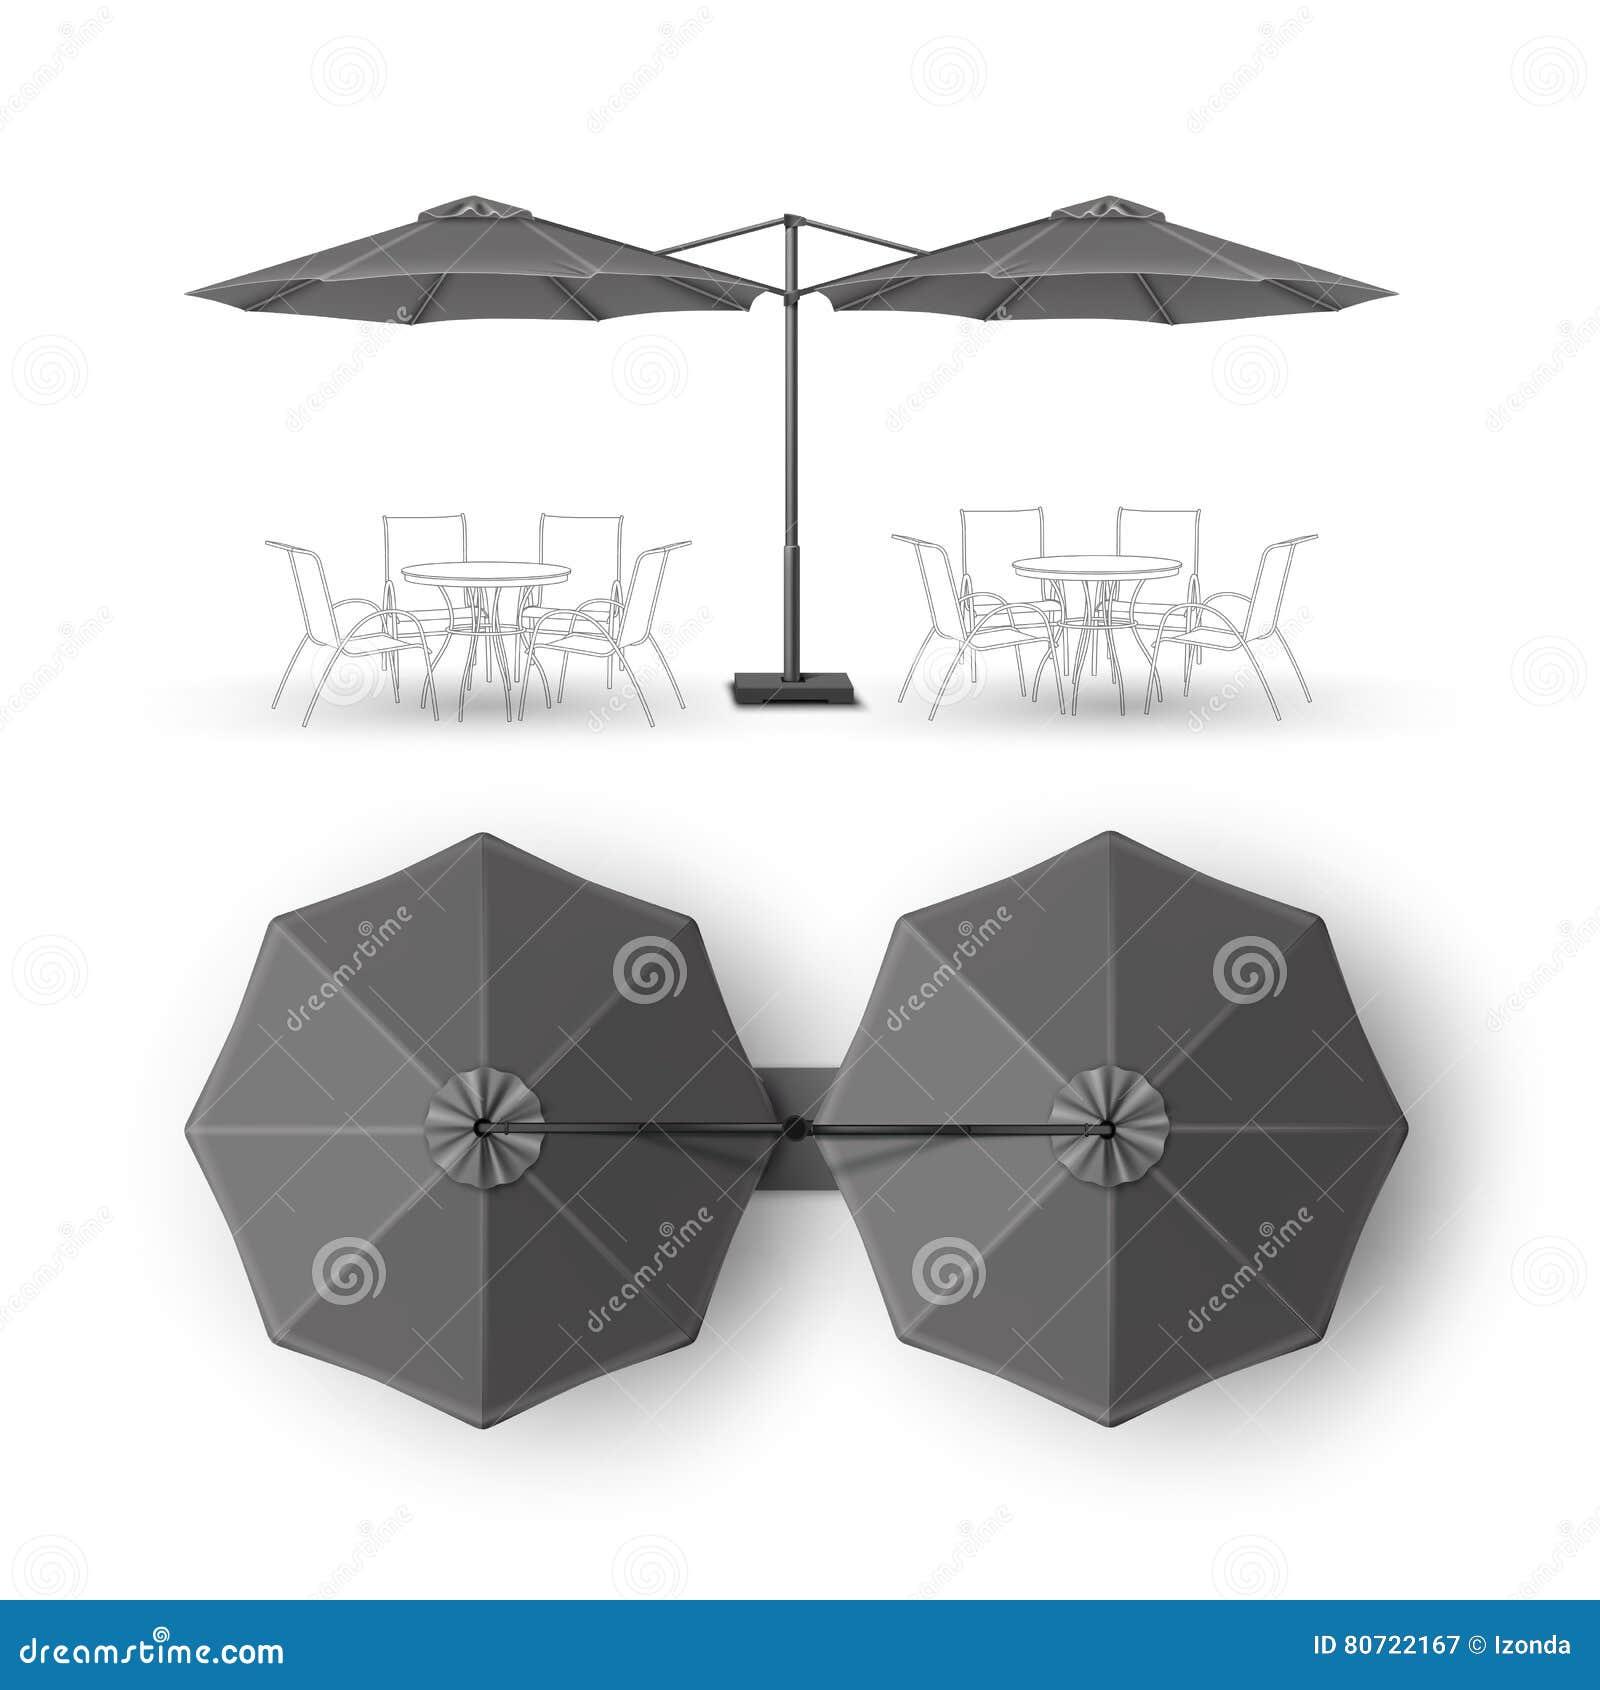 Guarda-chuva redondo da sala de estar preta do bar da barra de Gray Patio Double Outdoor Cafe para marcar a vista lateral superio